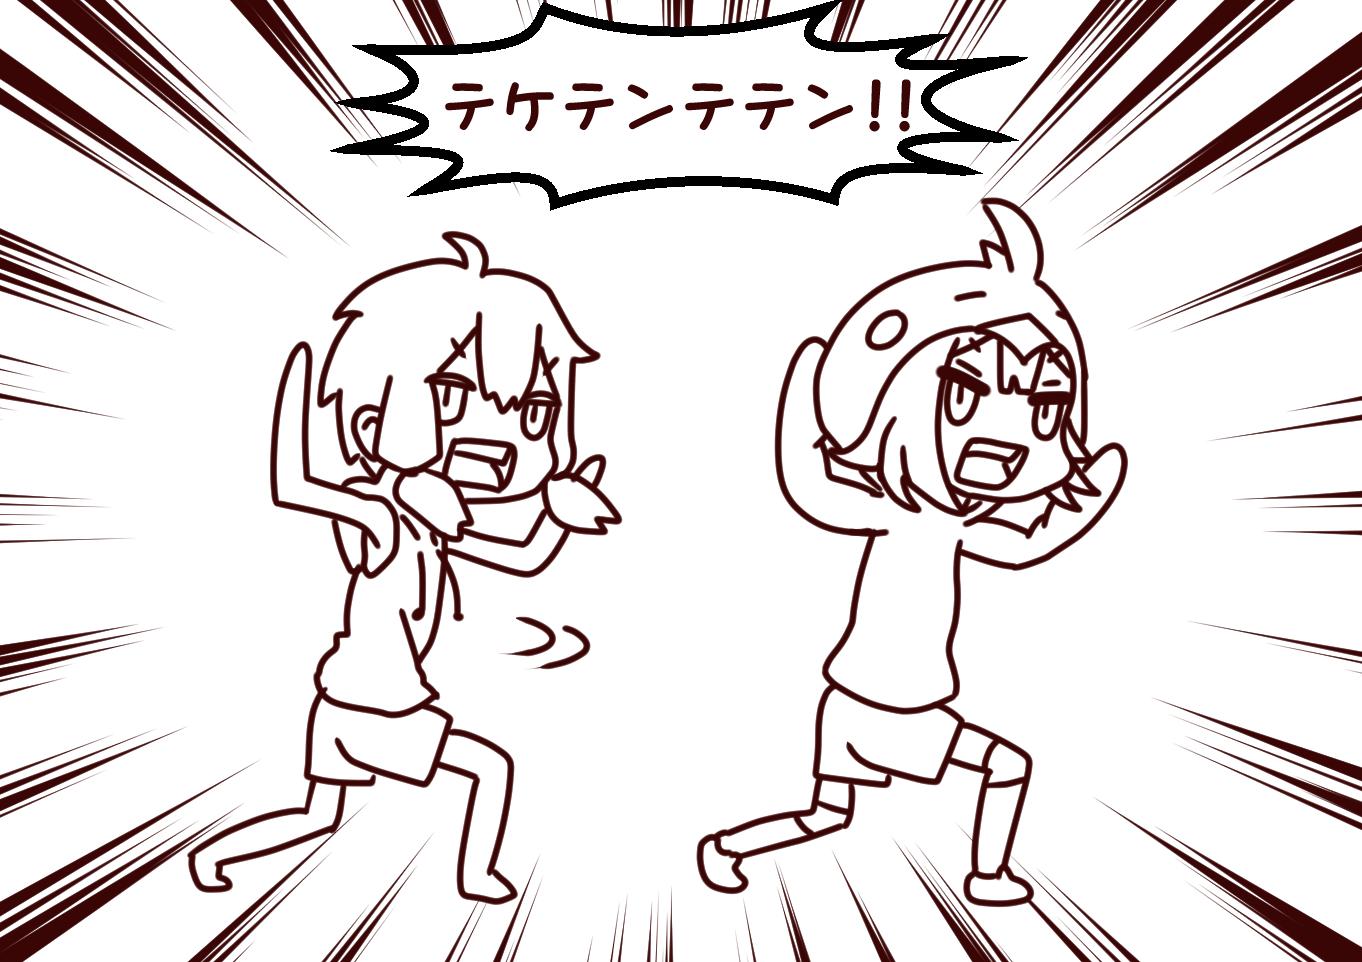 GYARI / ボーカロイドたちが2コードくり返してテッテーテレッテーとか叫ぶだけ (線画)